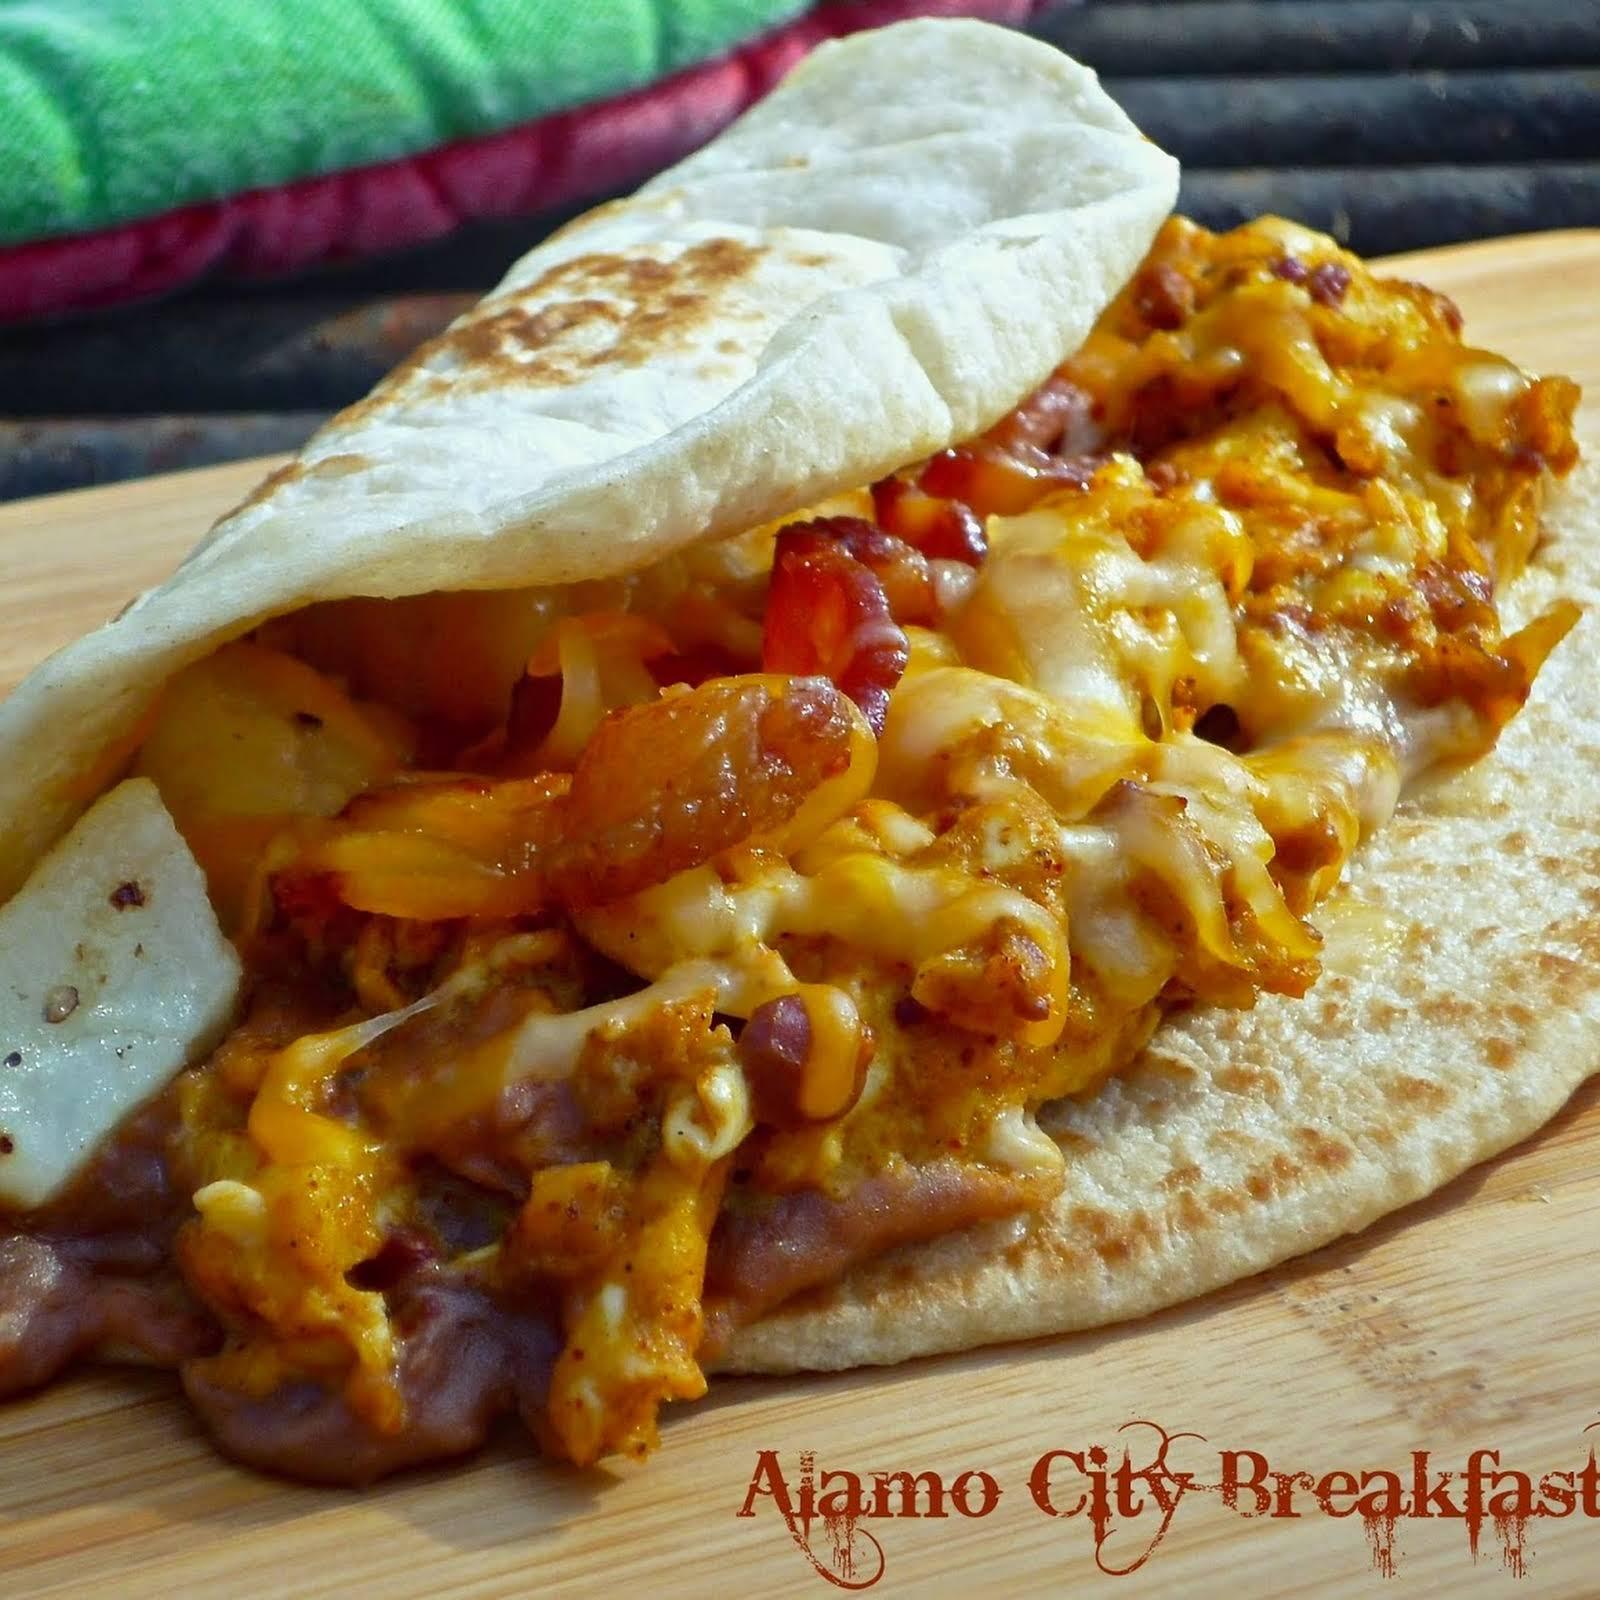 Alamo City Breakfast Tacos